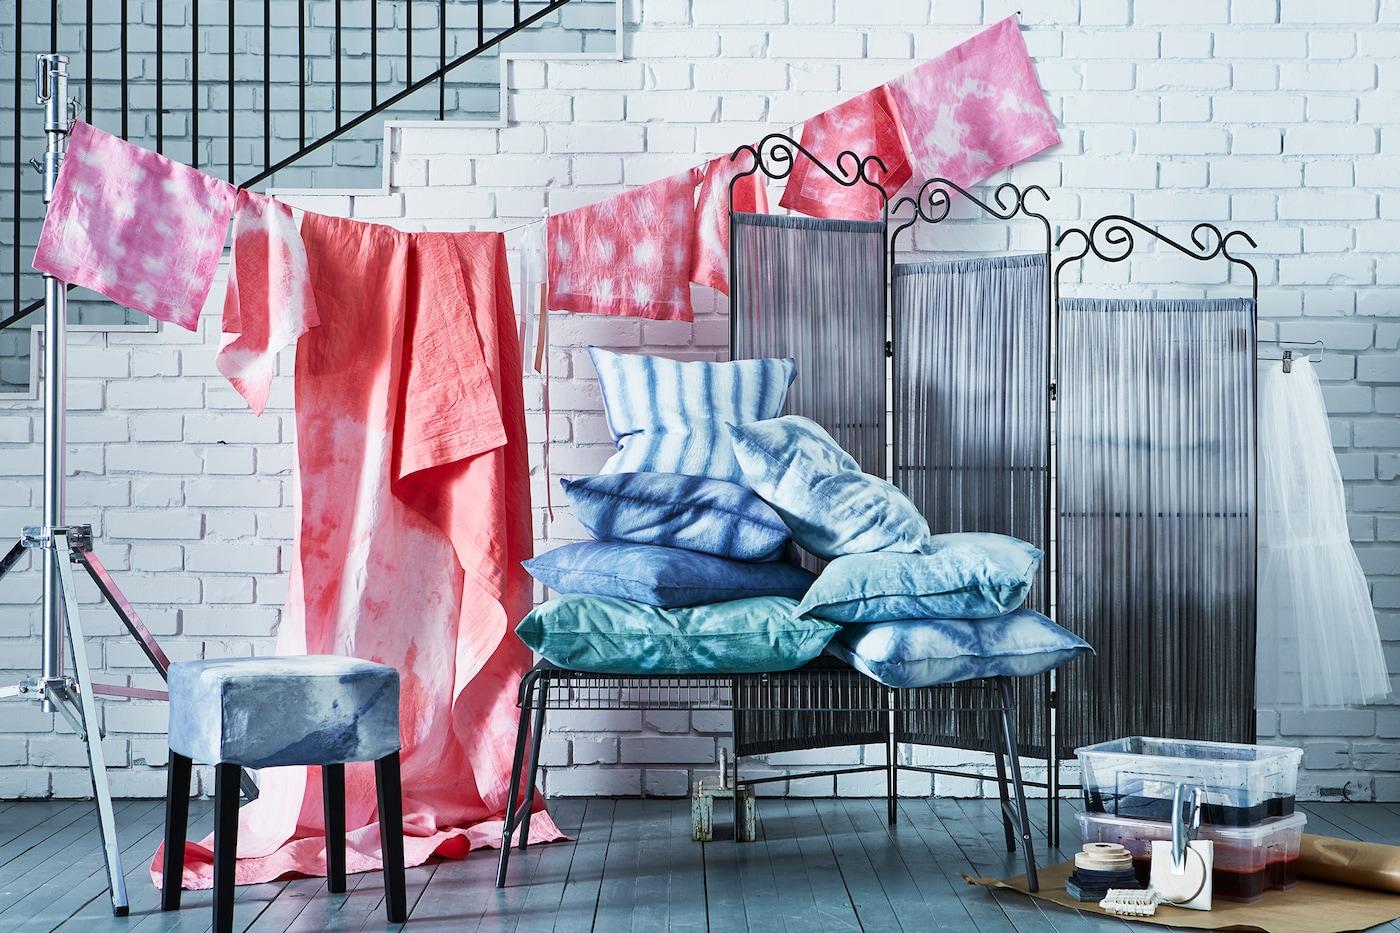 Ein Arrangement verschiedener Stoffe & Textilien mit Shibori-Mustern iin Rosa, Grün, Blau gefärbt